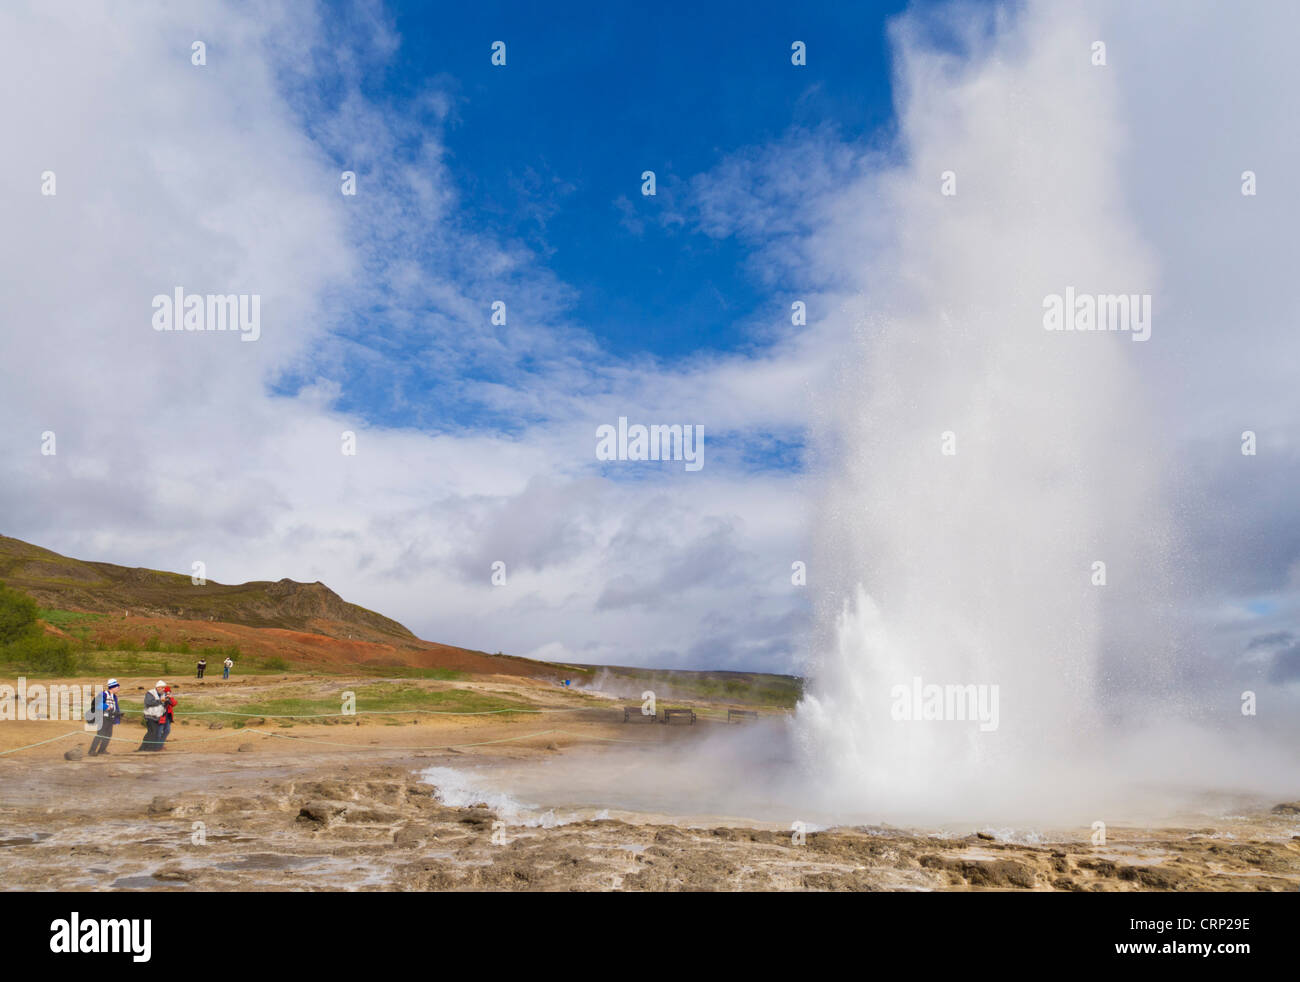 Strokkur Geyser geysur geysir erupting as part of the golden circle tour Iceland EU Europe - Stock Image